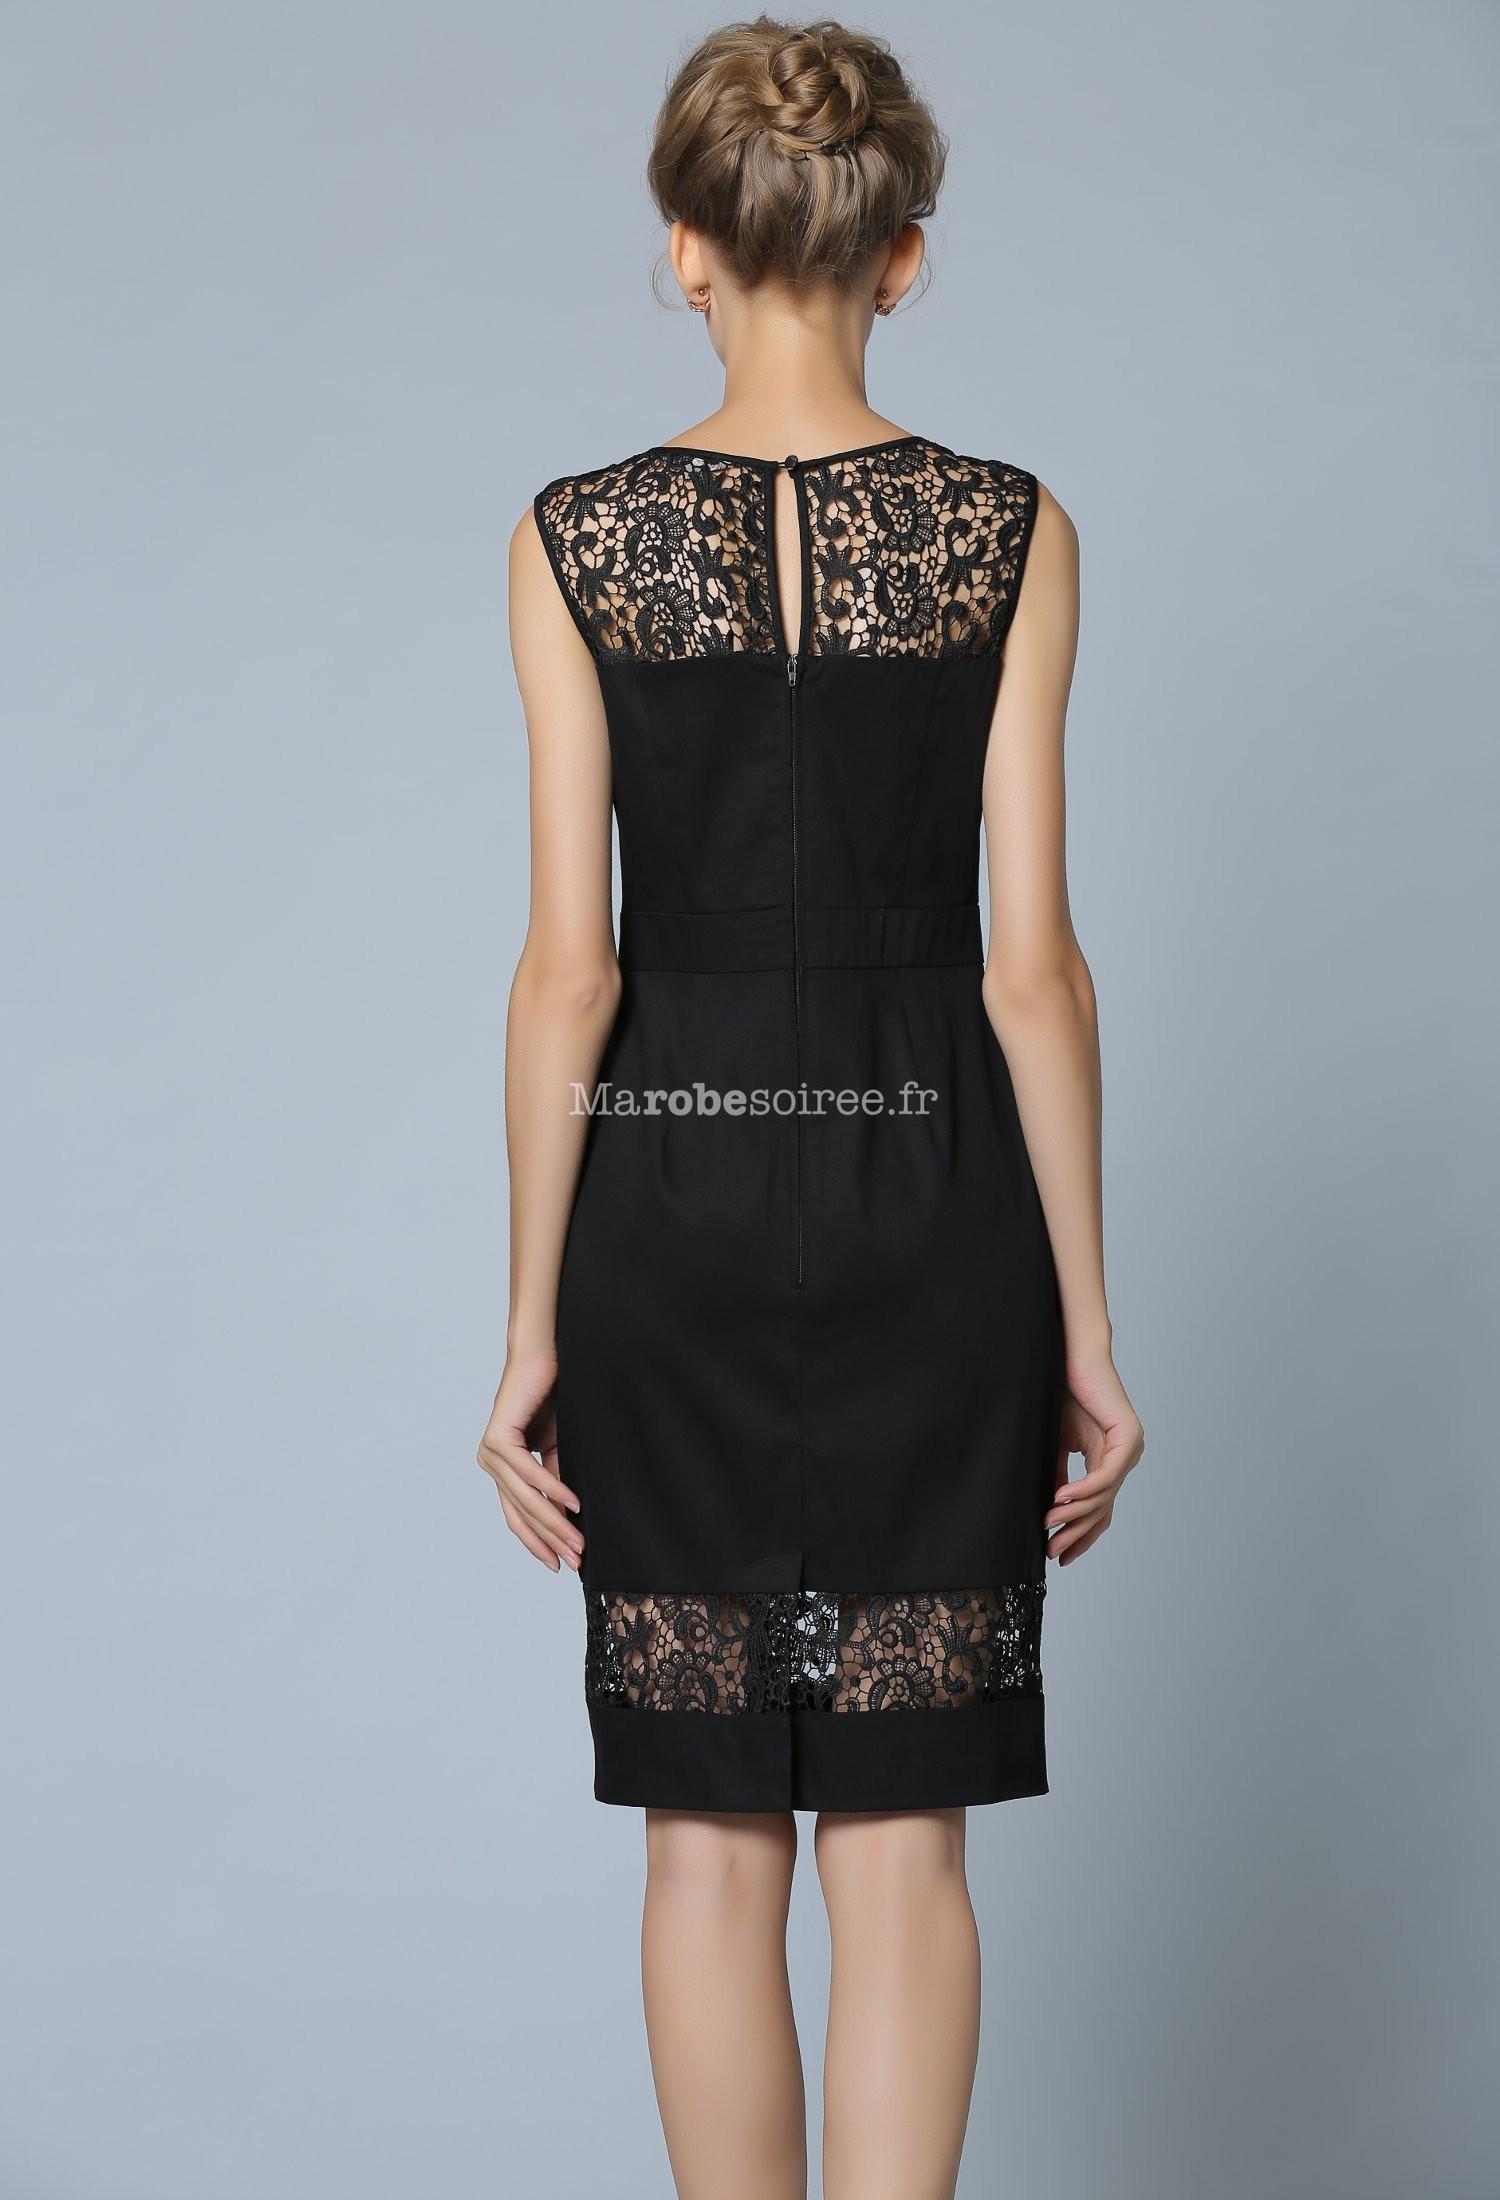 robe tailleur noire sans manche en dentelle. Black Bedroom Furniture Sets. Home Design Ideas